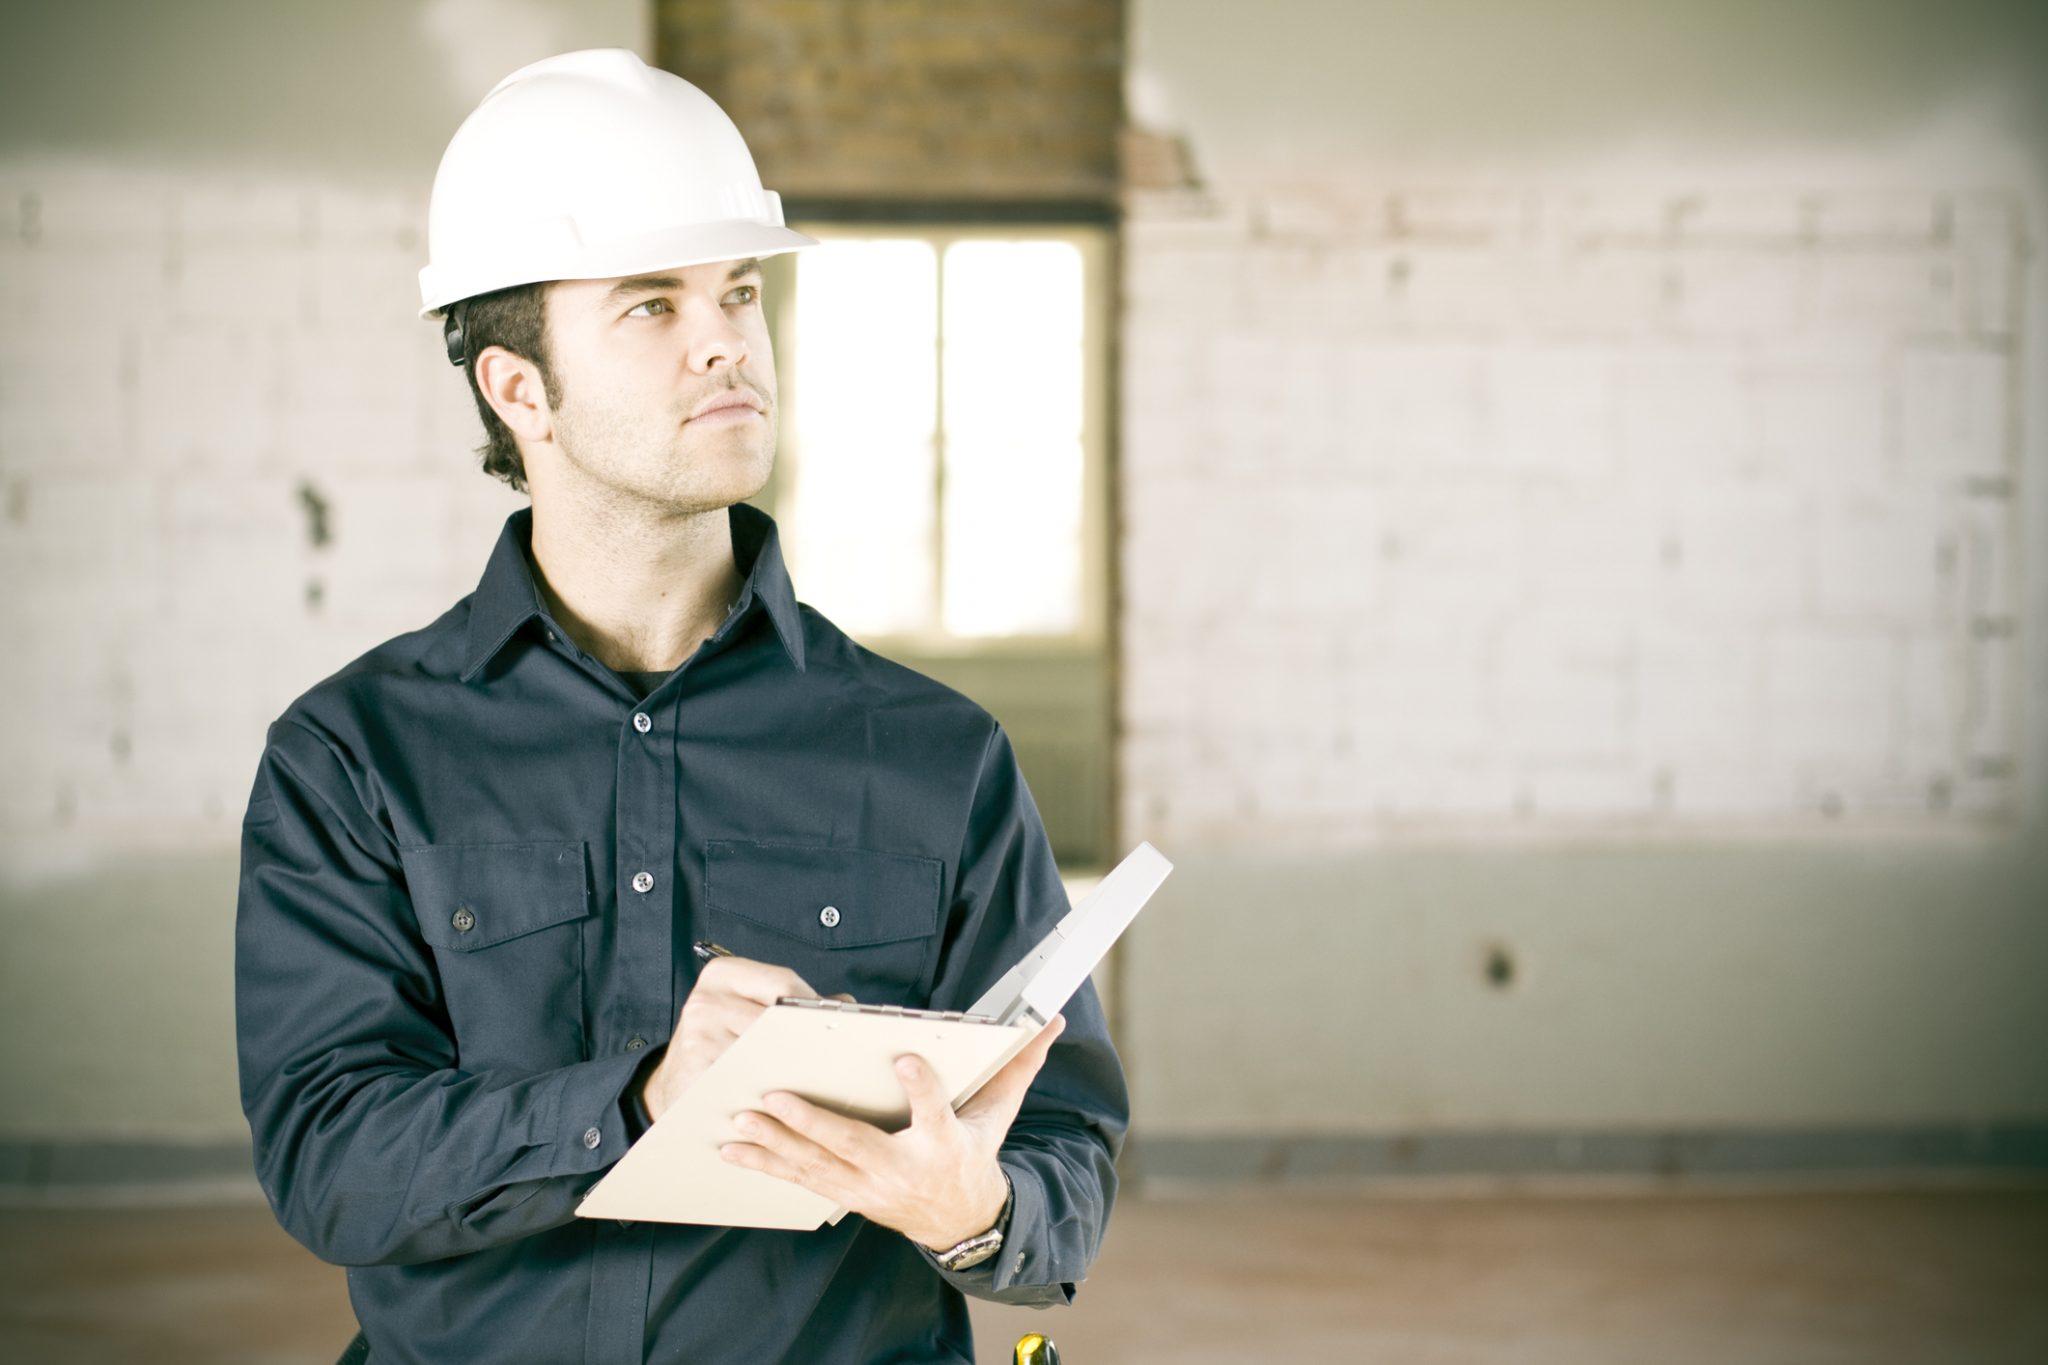 Un travailleur inspectant un bâtiment